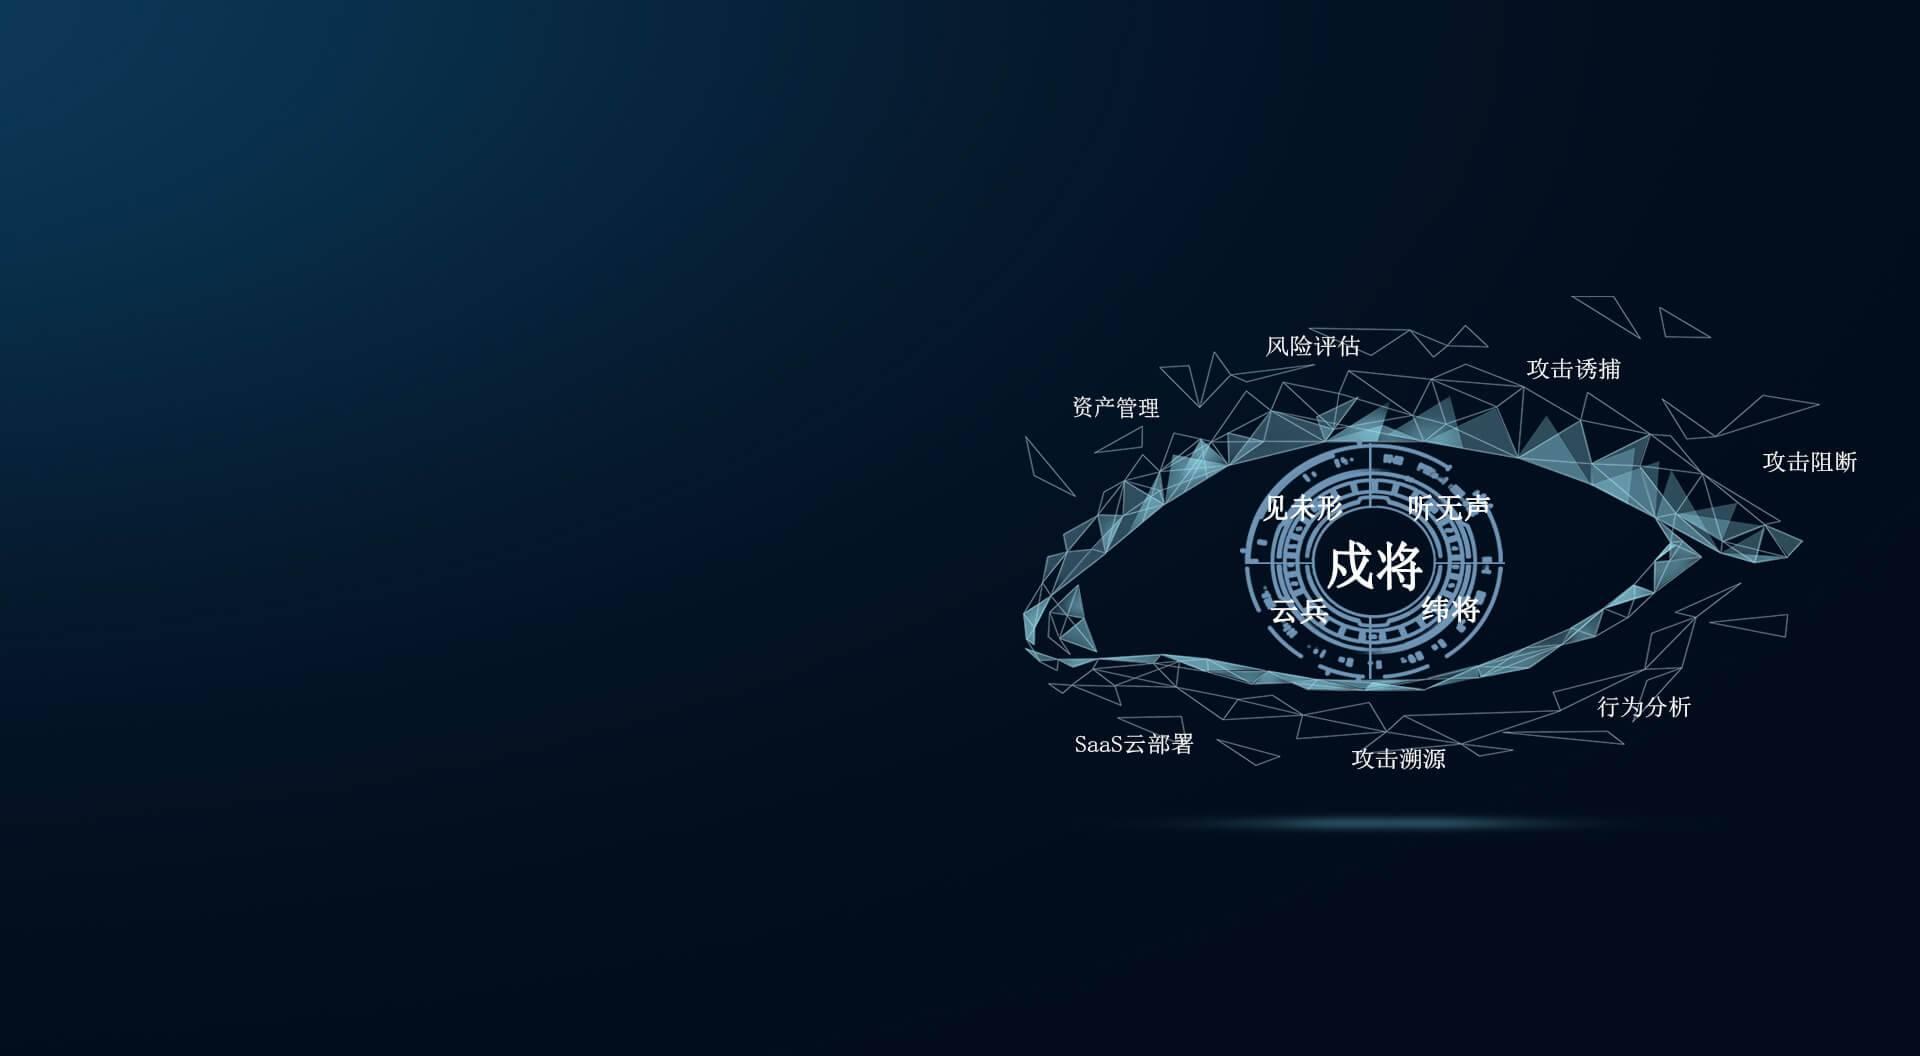 经纬信安入选中国网络安全能力图谱<br>